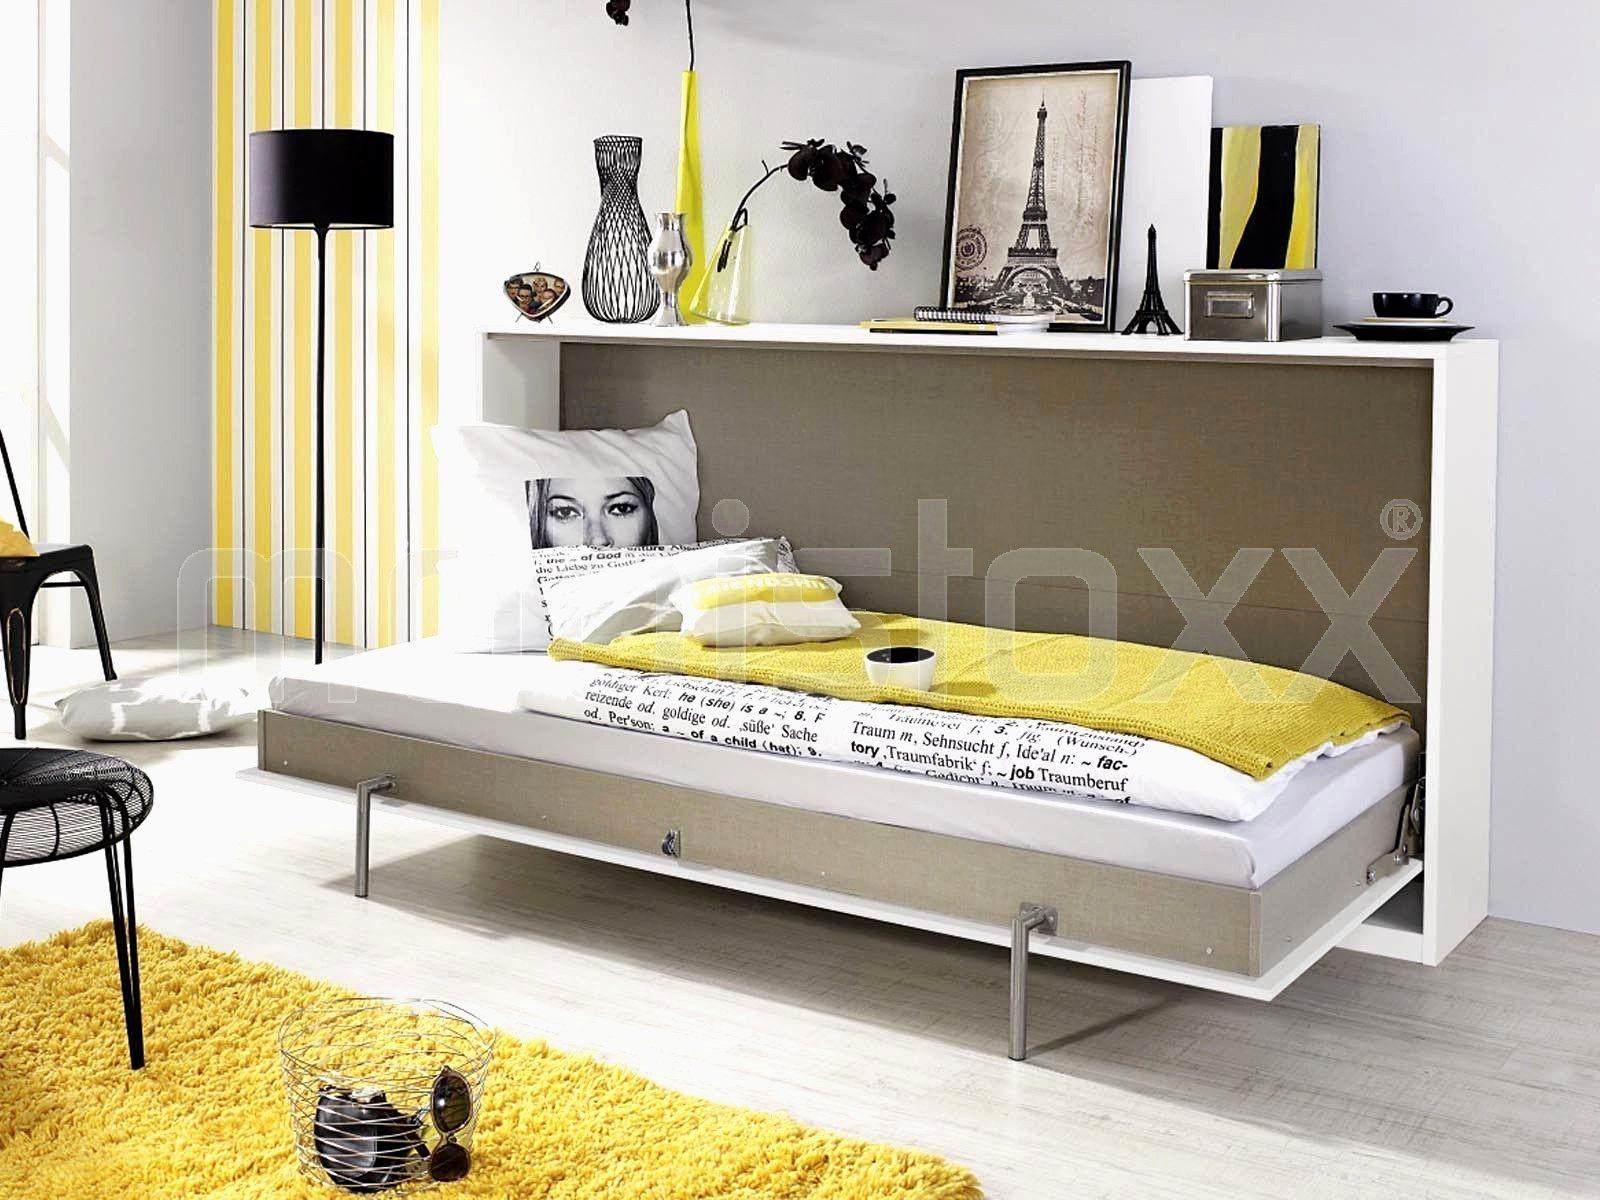 Lit Rangement Ikea Inspirant Tete De Lit Rangement 160 Ikea Tete De Lit 160 Meilleur De Image